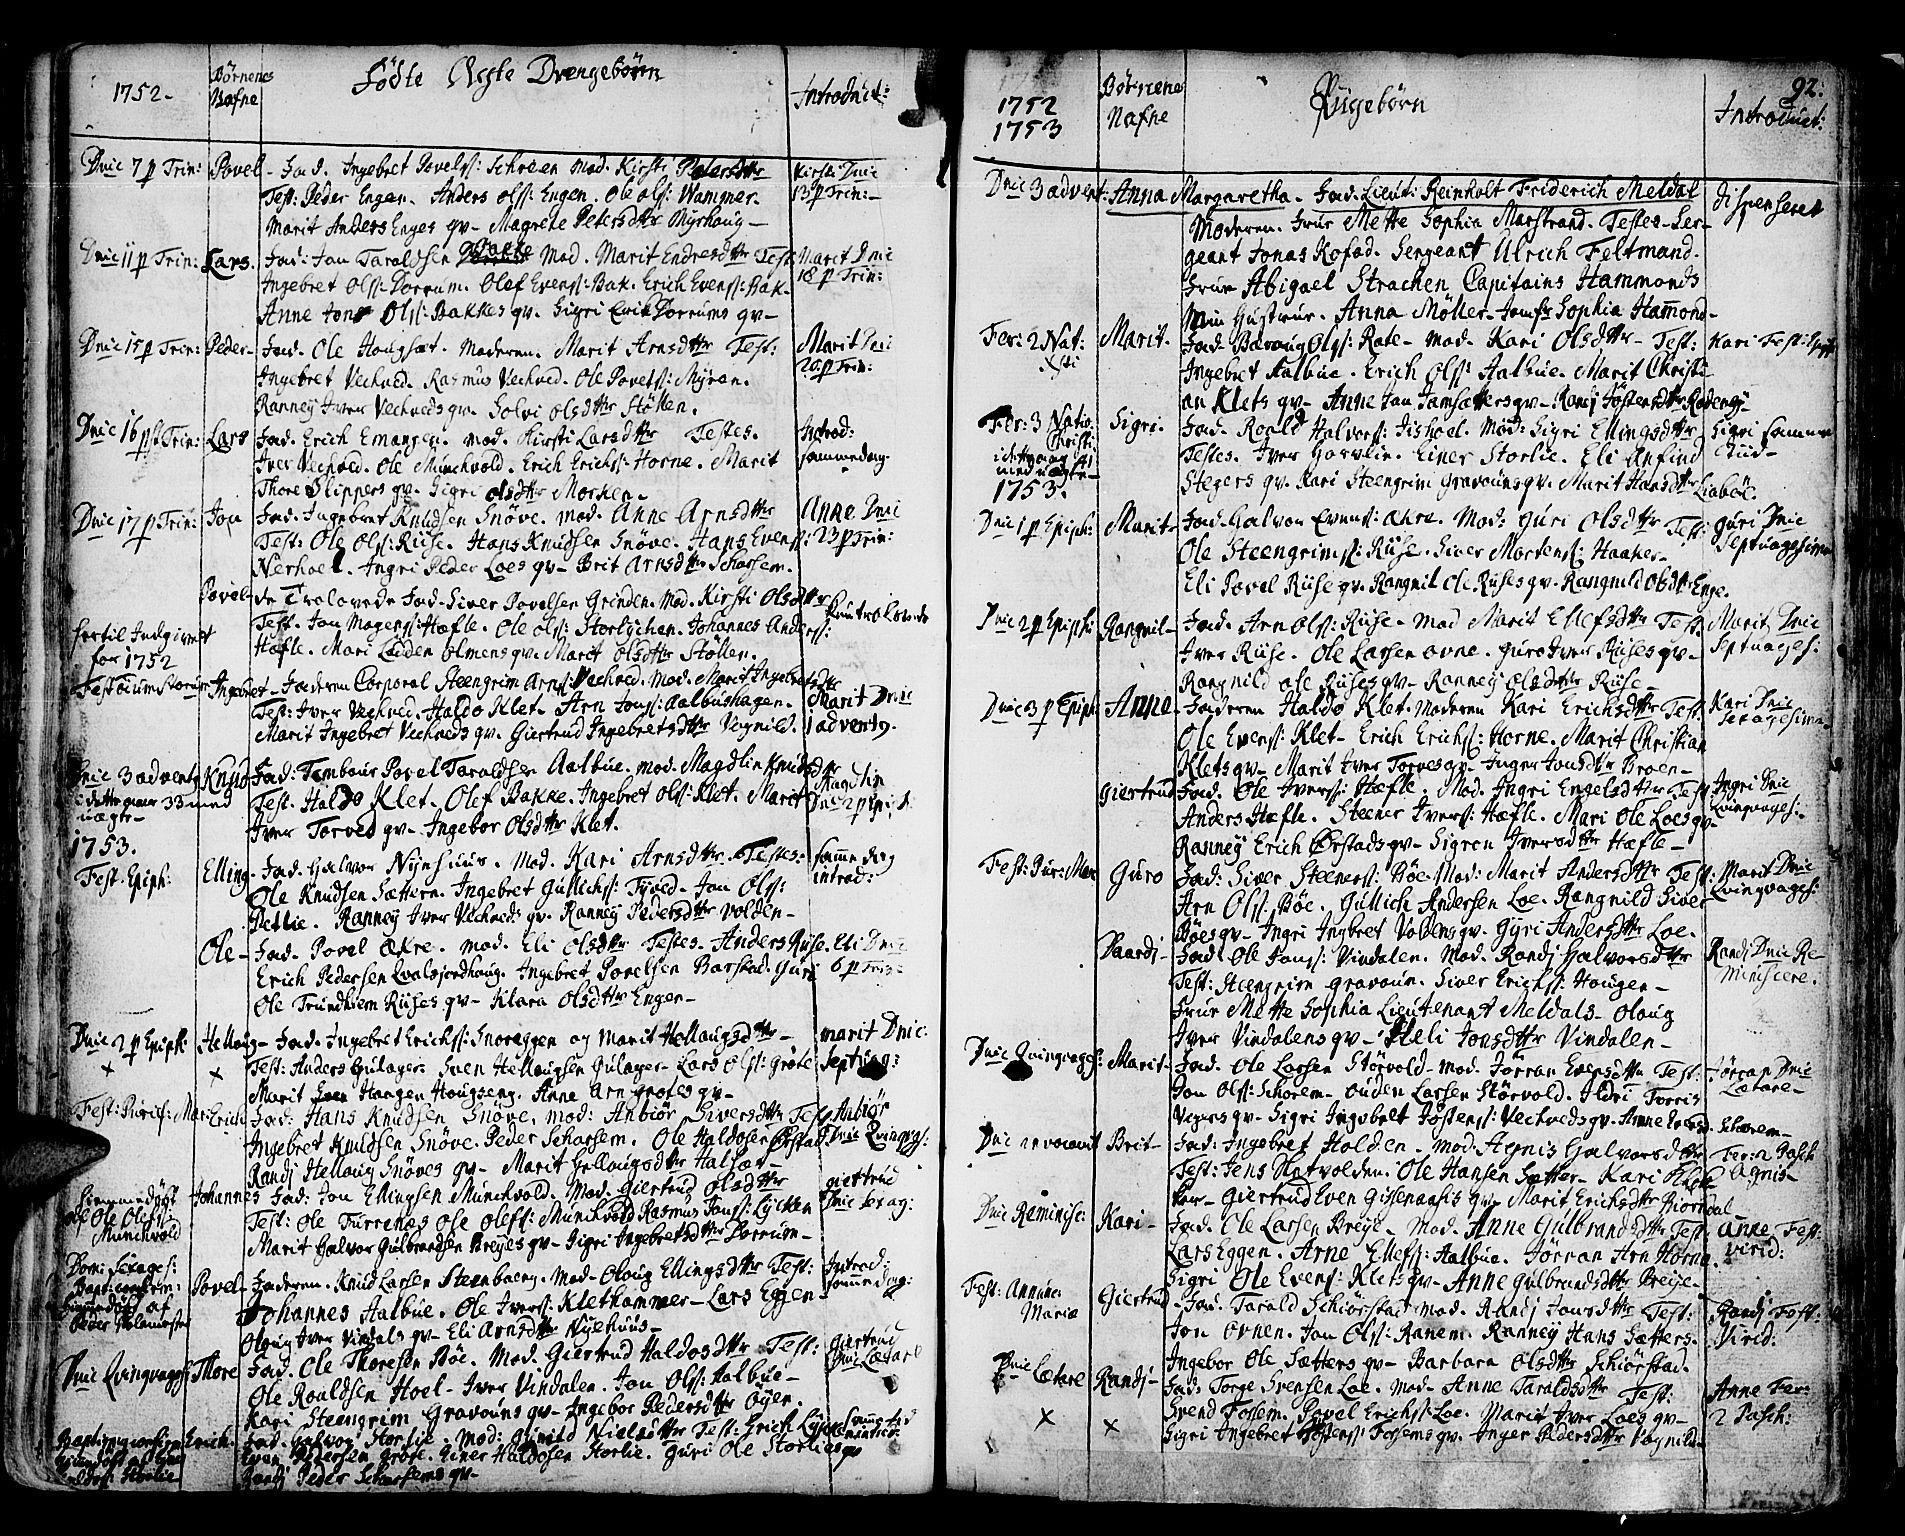 SAT, Ministerialprotokoller, klokkerbøker og fødselsregistre - Sør-Trøndelag, 678/L0891: Ministerialbok nr. 678A01, 1739-1780, s. 92